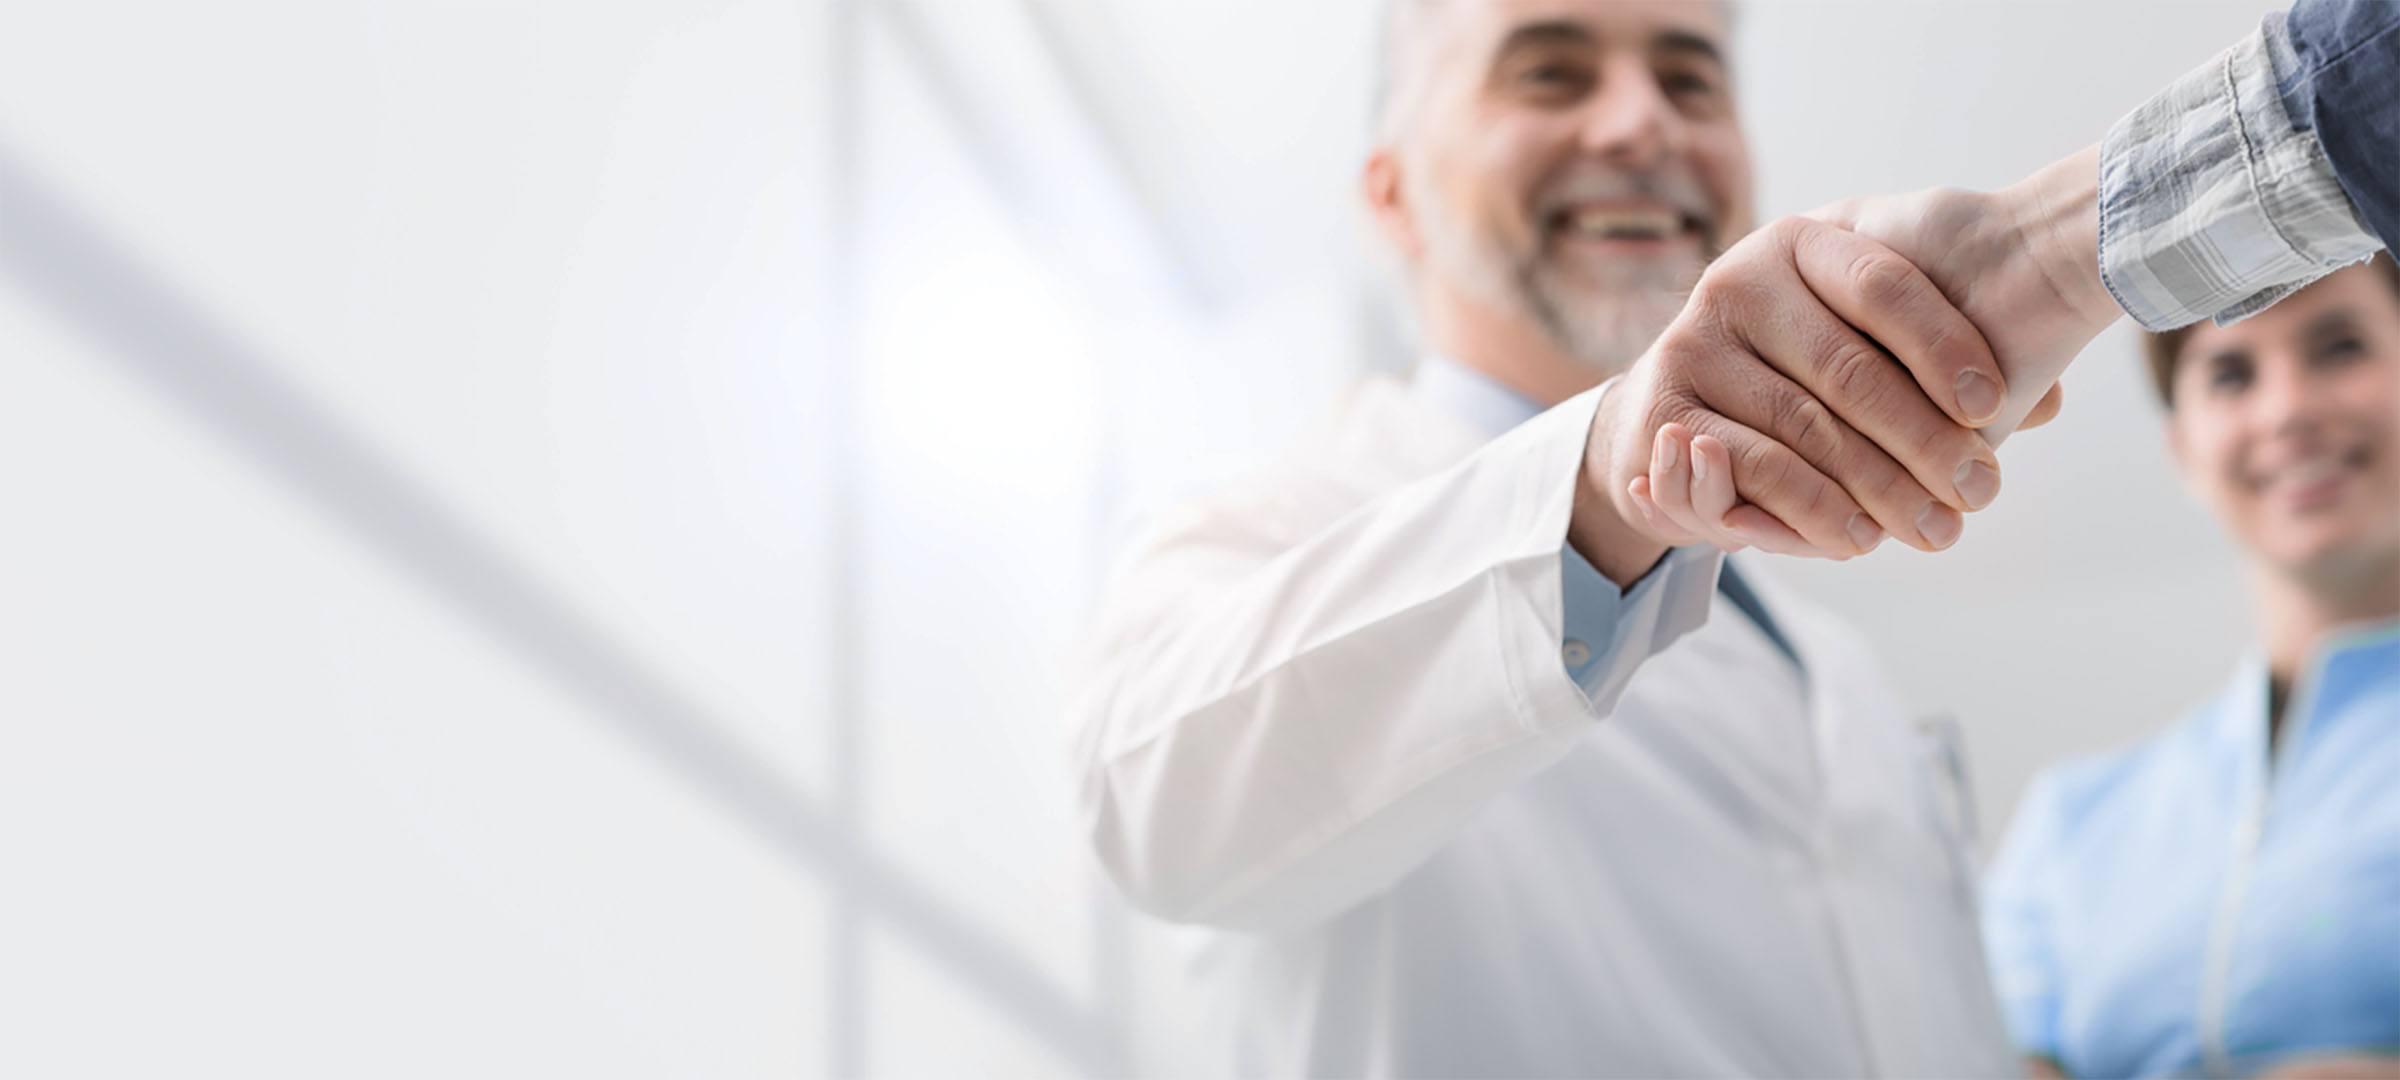 Ärzte schütteln sich nach erfolgreicher Praxisübernahme die Hände.